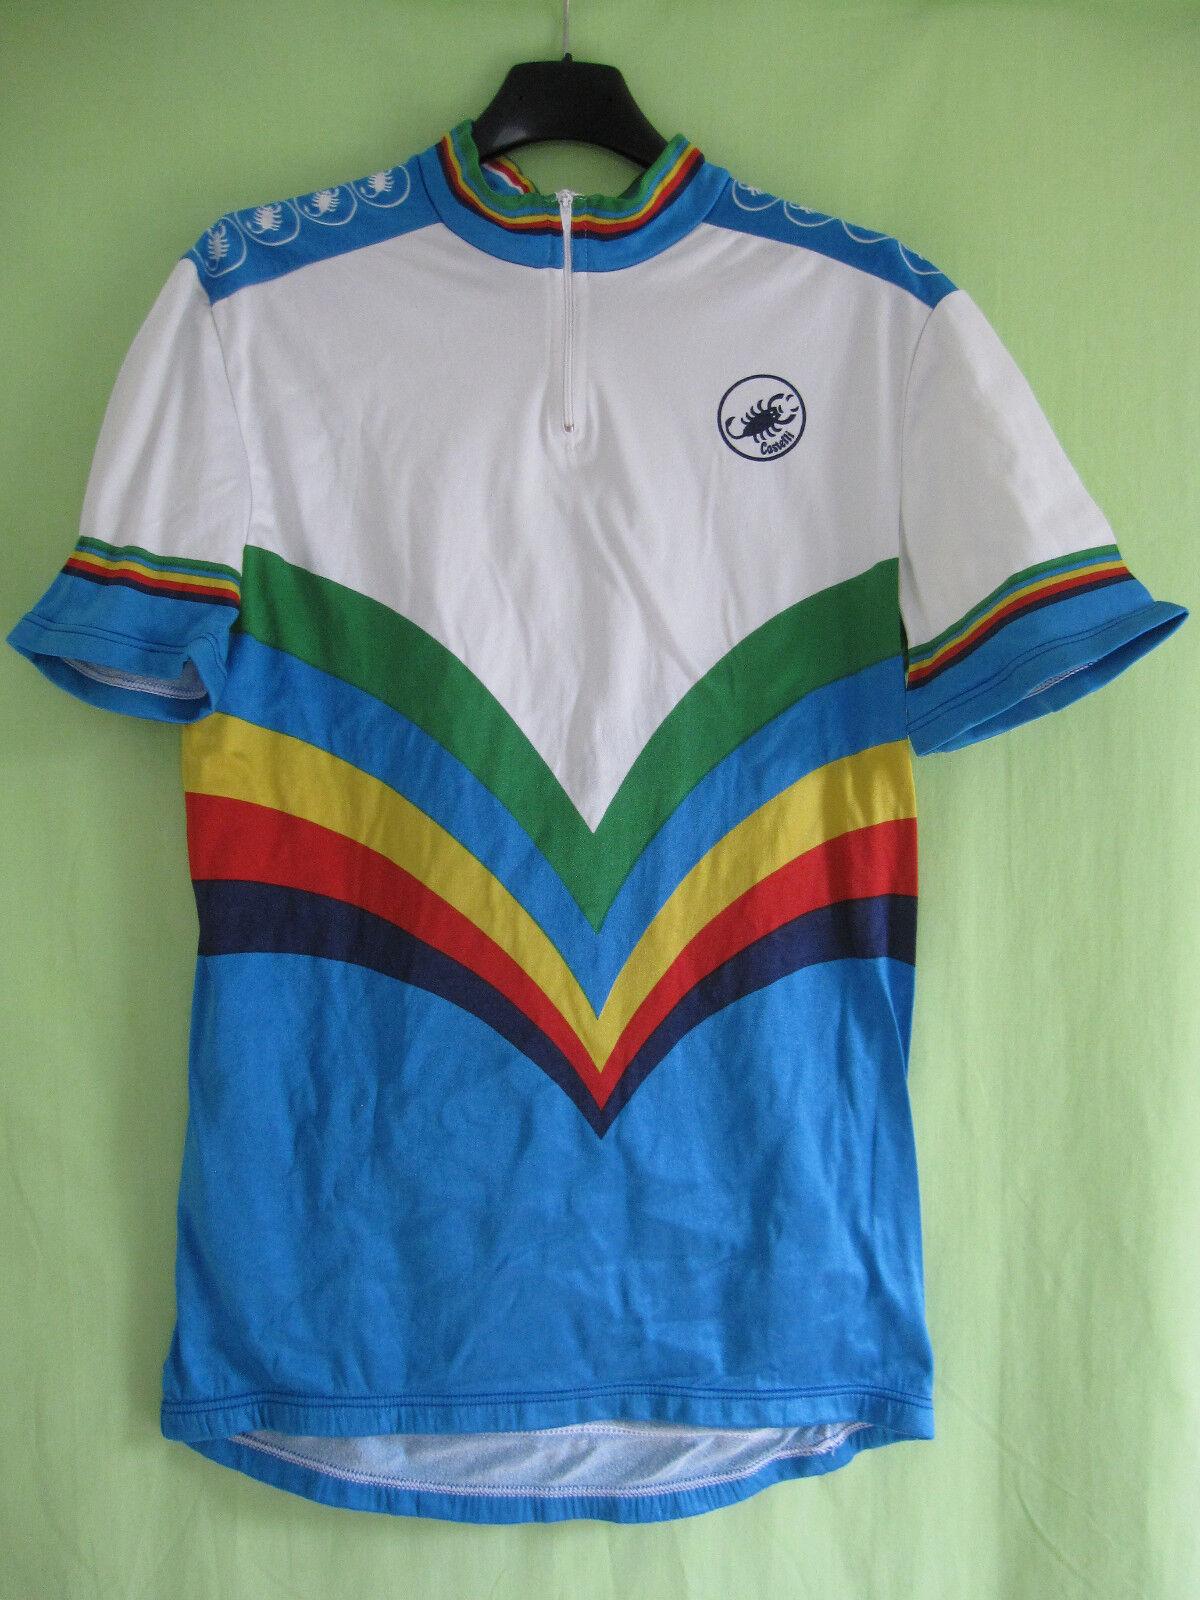 Maillot cycliste vintage Castelli color Champion du Monde 80'S Jersey - 5   L